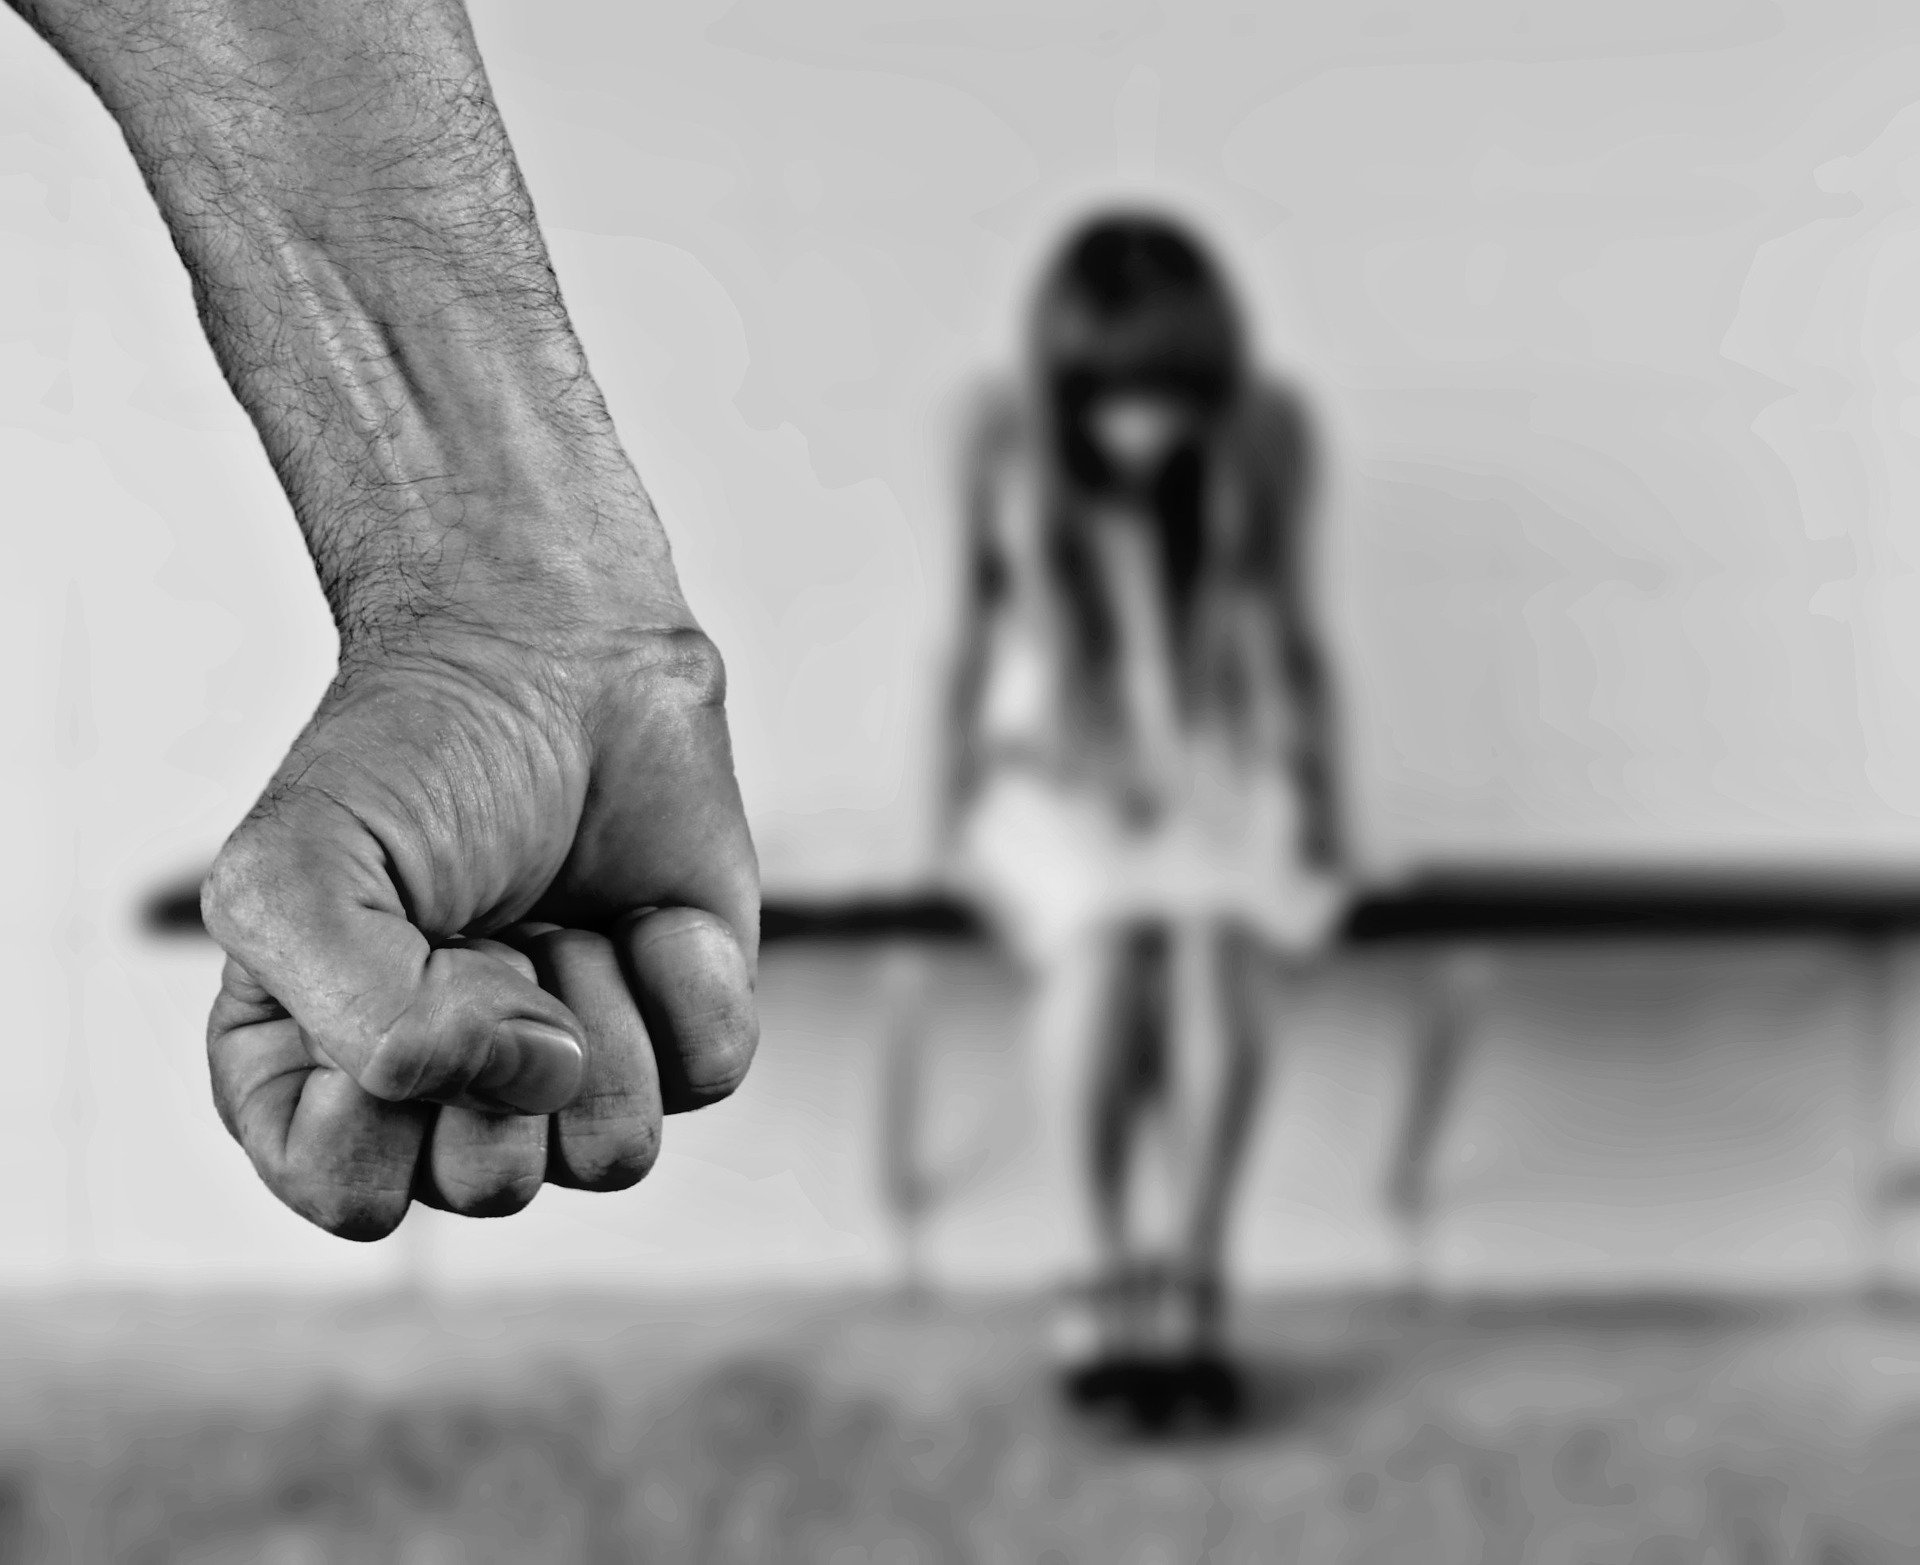 Häusliche Gewalt überlebenden zweimal in Gefahr von langfristigen Krankheiten